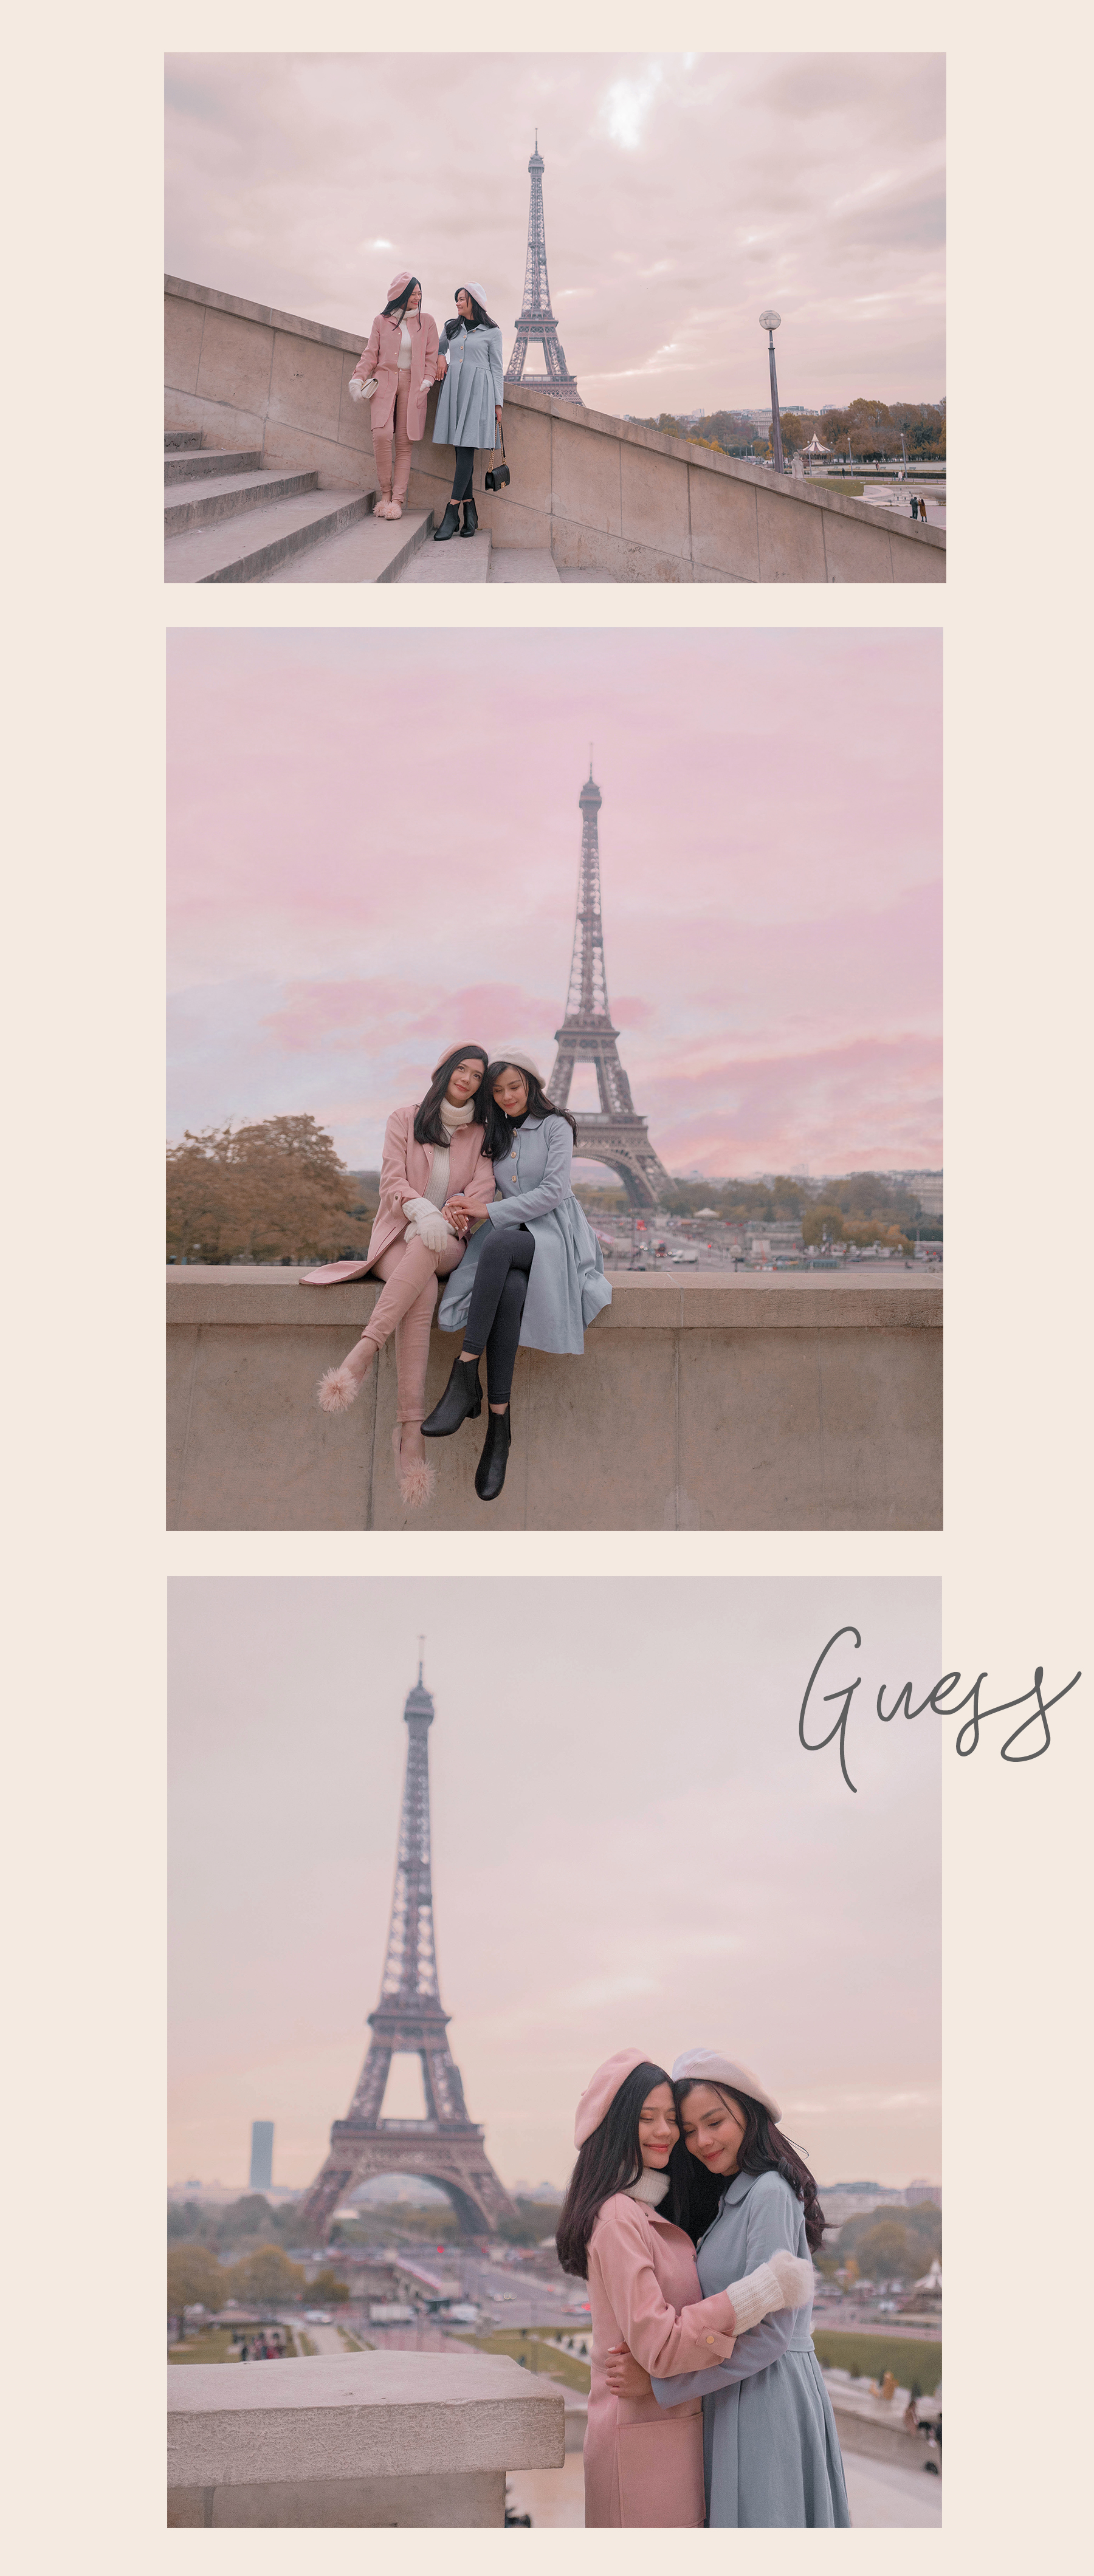 8. V&V - Eiffel Tower 3